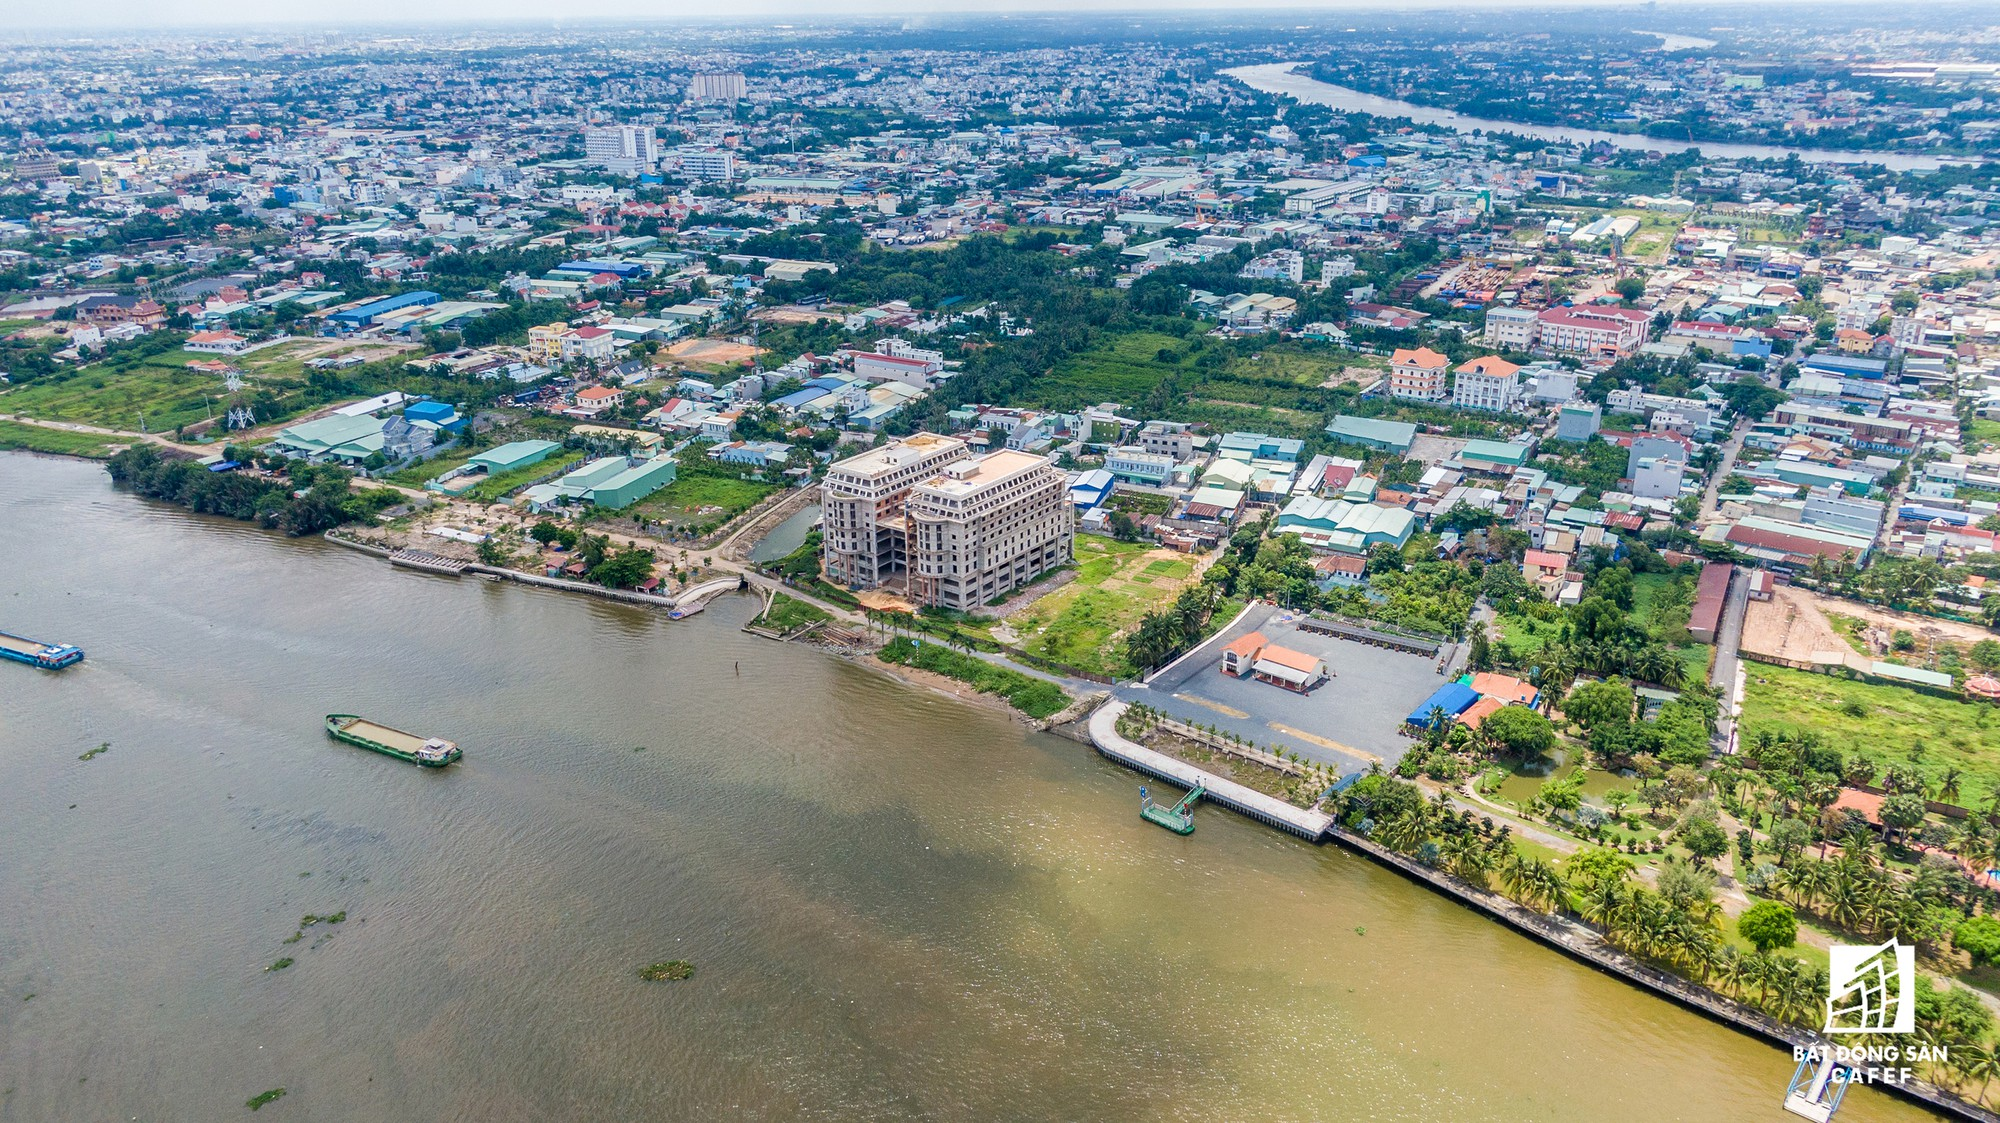 Diện mạo hai bờ sông Sài Gòn tương lai nhìn từ loạt siêu dự án tỷ đô, khu vực trung tâm giá nhà lên hơn 1 tỷ đồng/m2 - Ảnh 17. Diện mạo hai bờ sông Sài Gòn tương lai nhìn từ loạt siêu dự án tỷ đô, khu vực trung tâm giá nhà lên hơn 1 tỷ đồng/m2 Diện mạo hai bờ sông Sài Gòn tương lai nhìn từ loạt siêu dự án tỷ đô, khu vực trung tâm giá nhà lên hơn 1 tỷ đồng/m2 hinh 52 15682773899321666294100